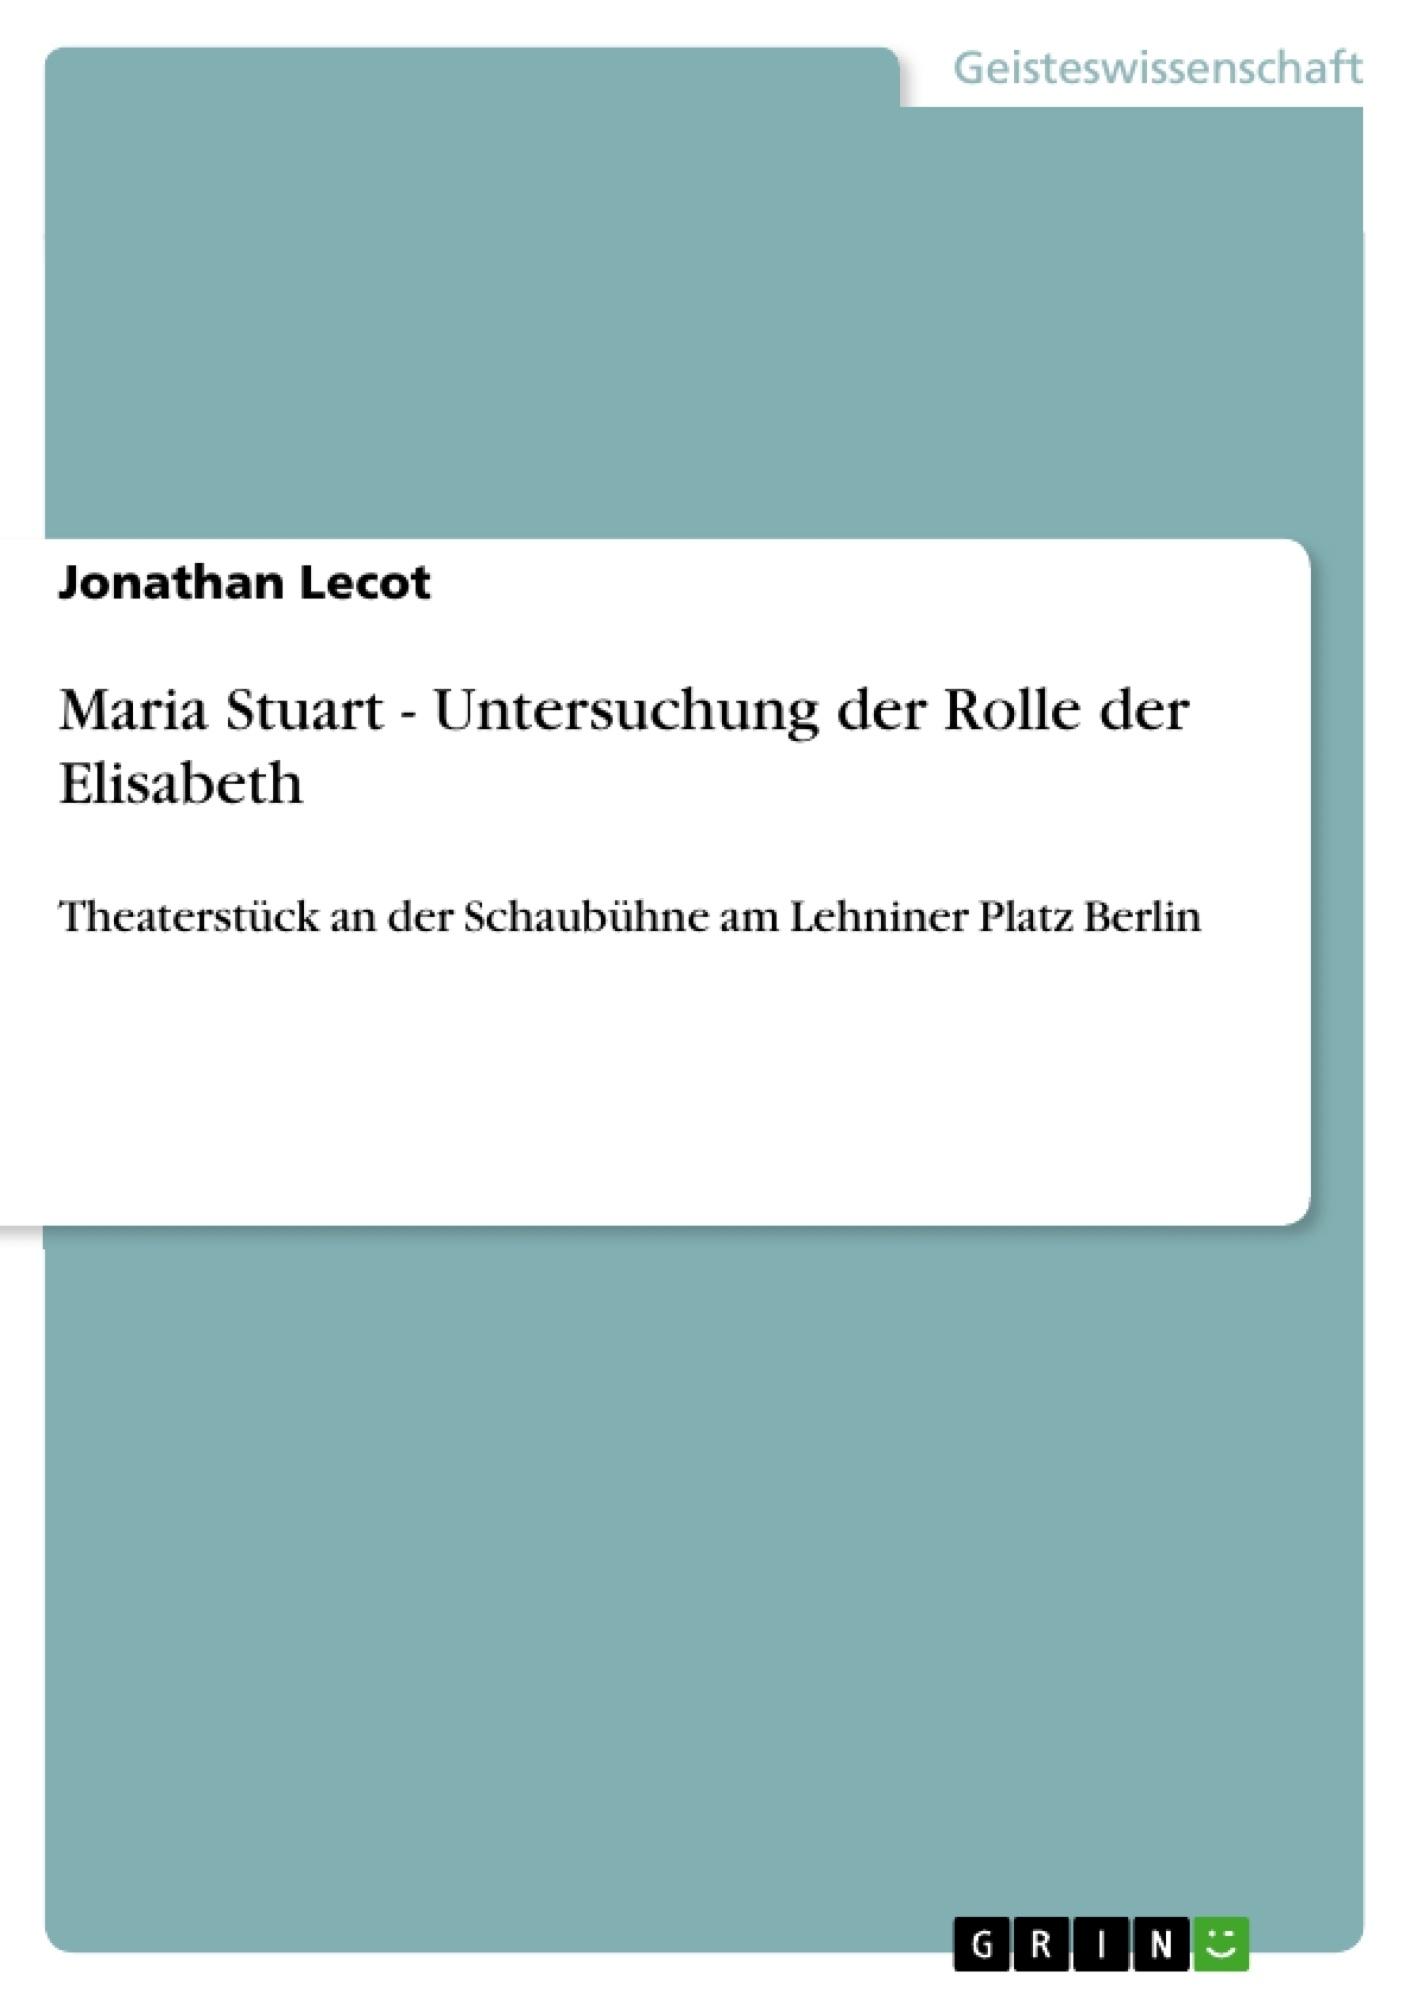 Titel: Maria Stuart - Untersuchung der Rolle der Elisabeth